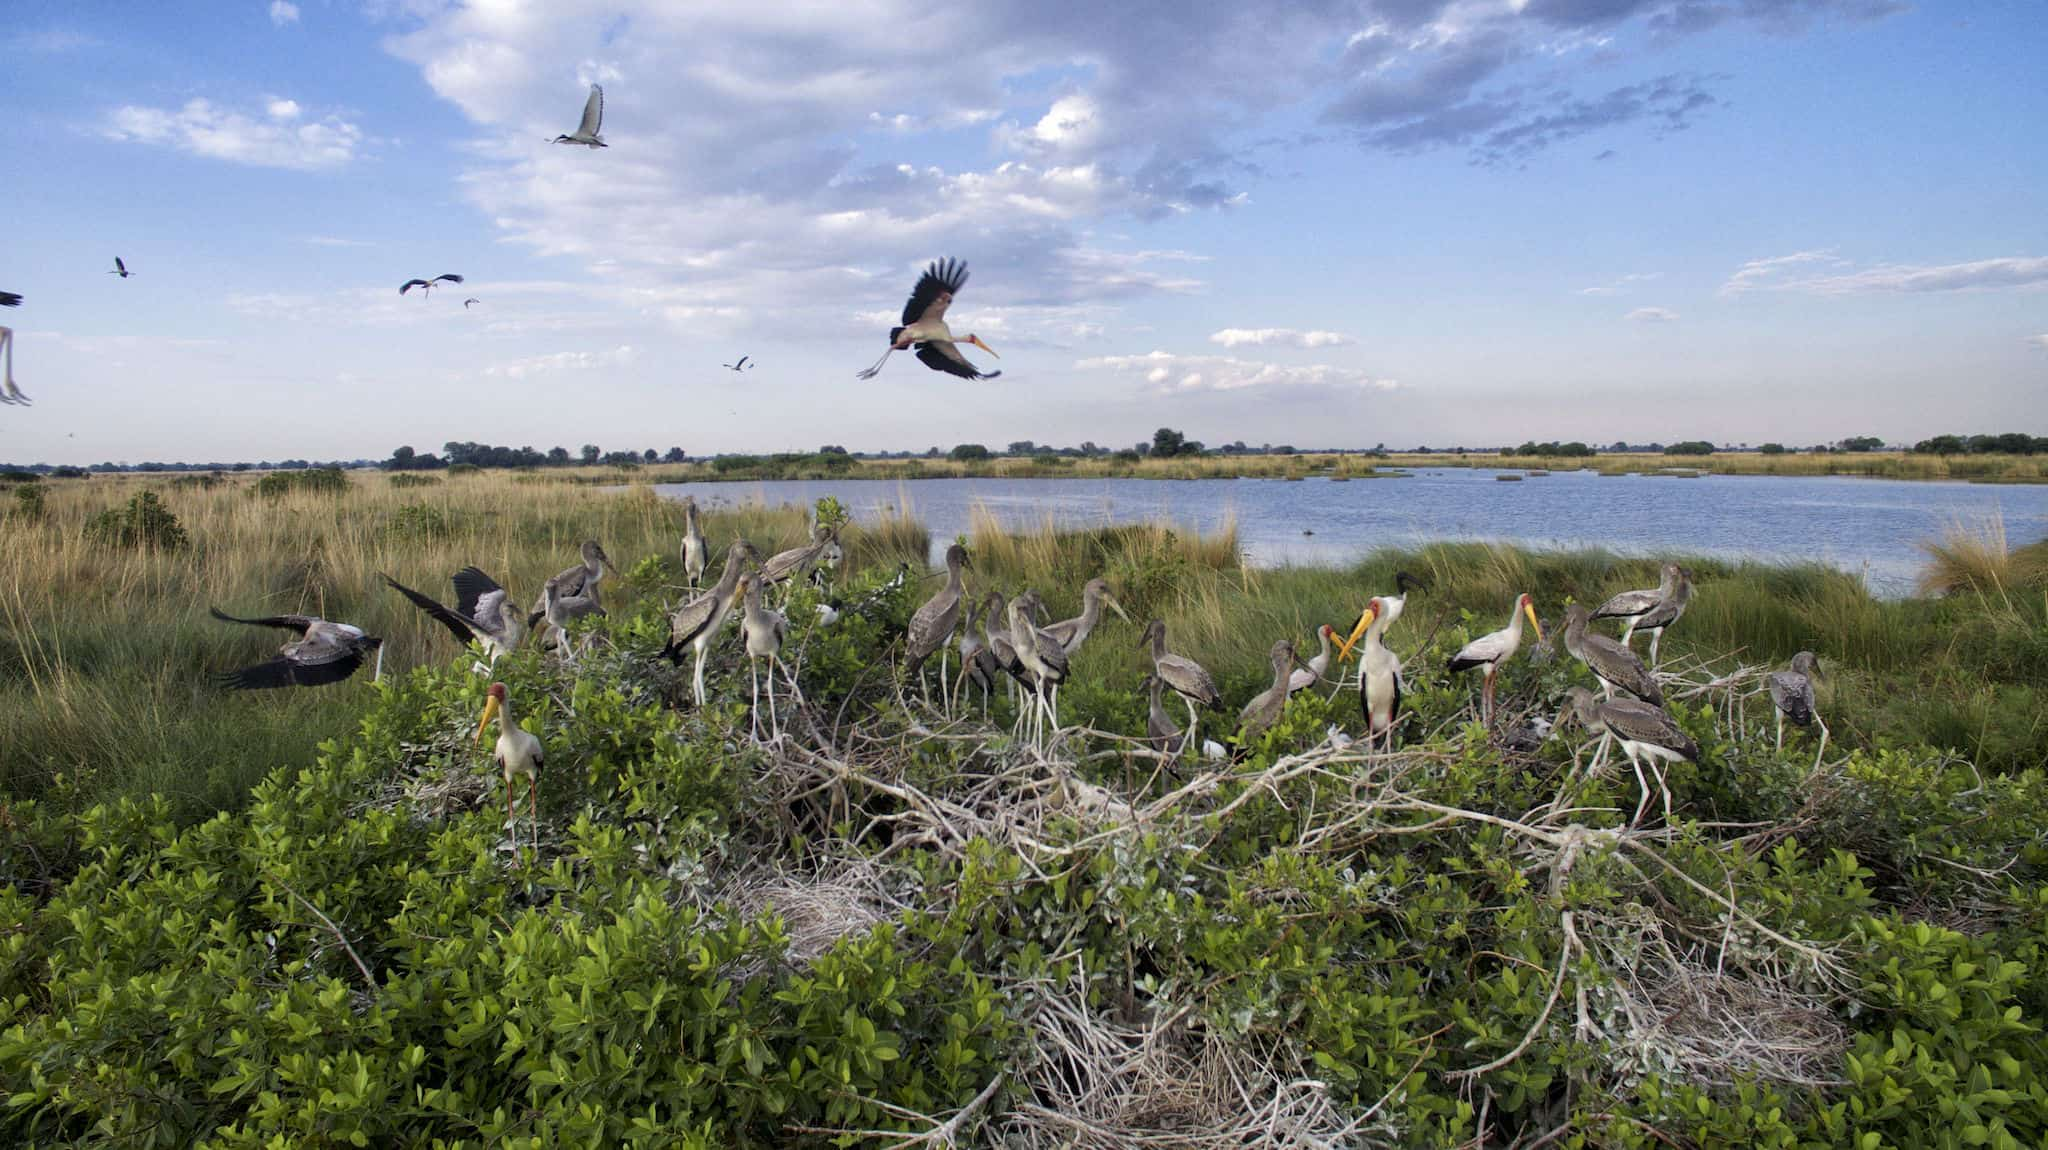 Heronry in the Okavango Delta